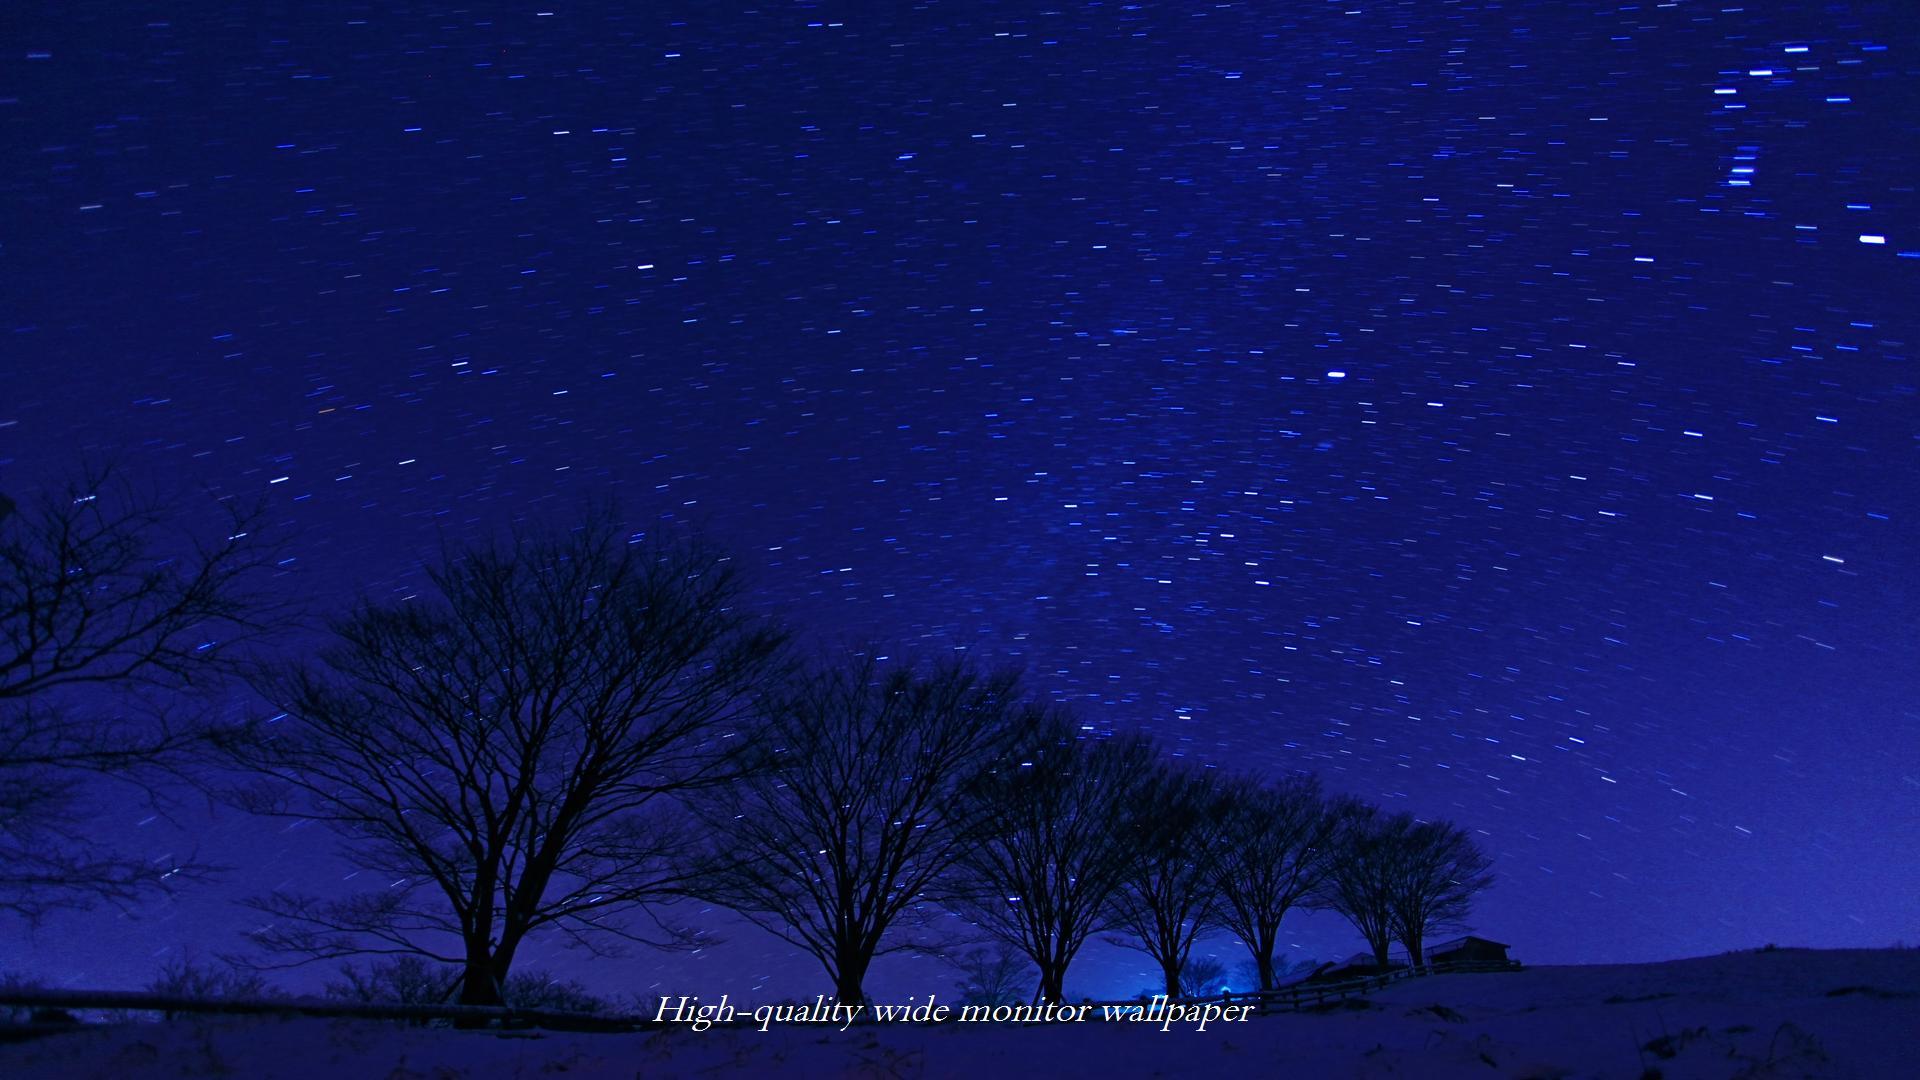 霧島の牧場にて撮影した星景写真をモチーフにしましたワイドモニター 19 1080 高画質壁紙 アスペクト比 16 9 星景写真 長時間露光 Time Lapse 微速度撮影 霧島 牧場にて インターバル撮影